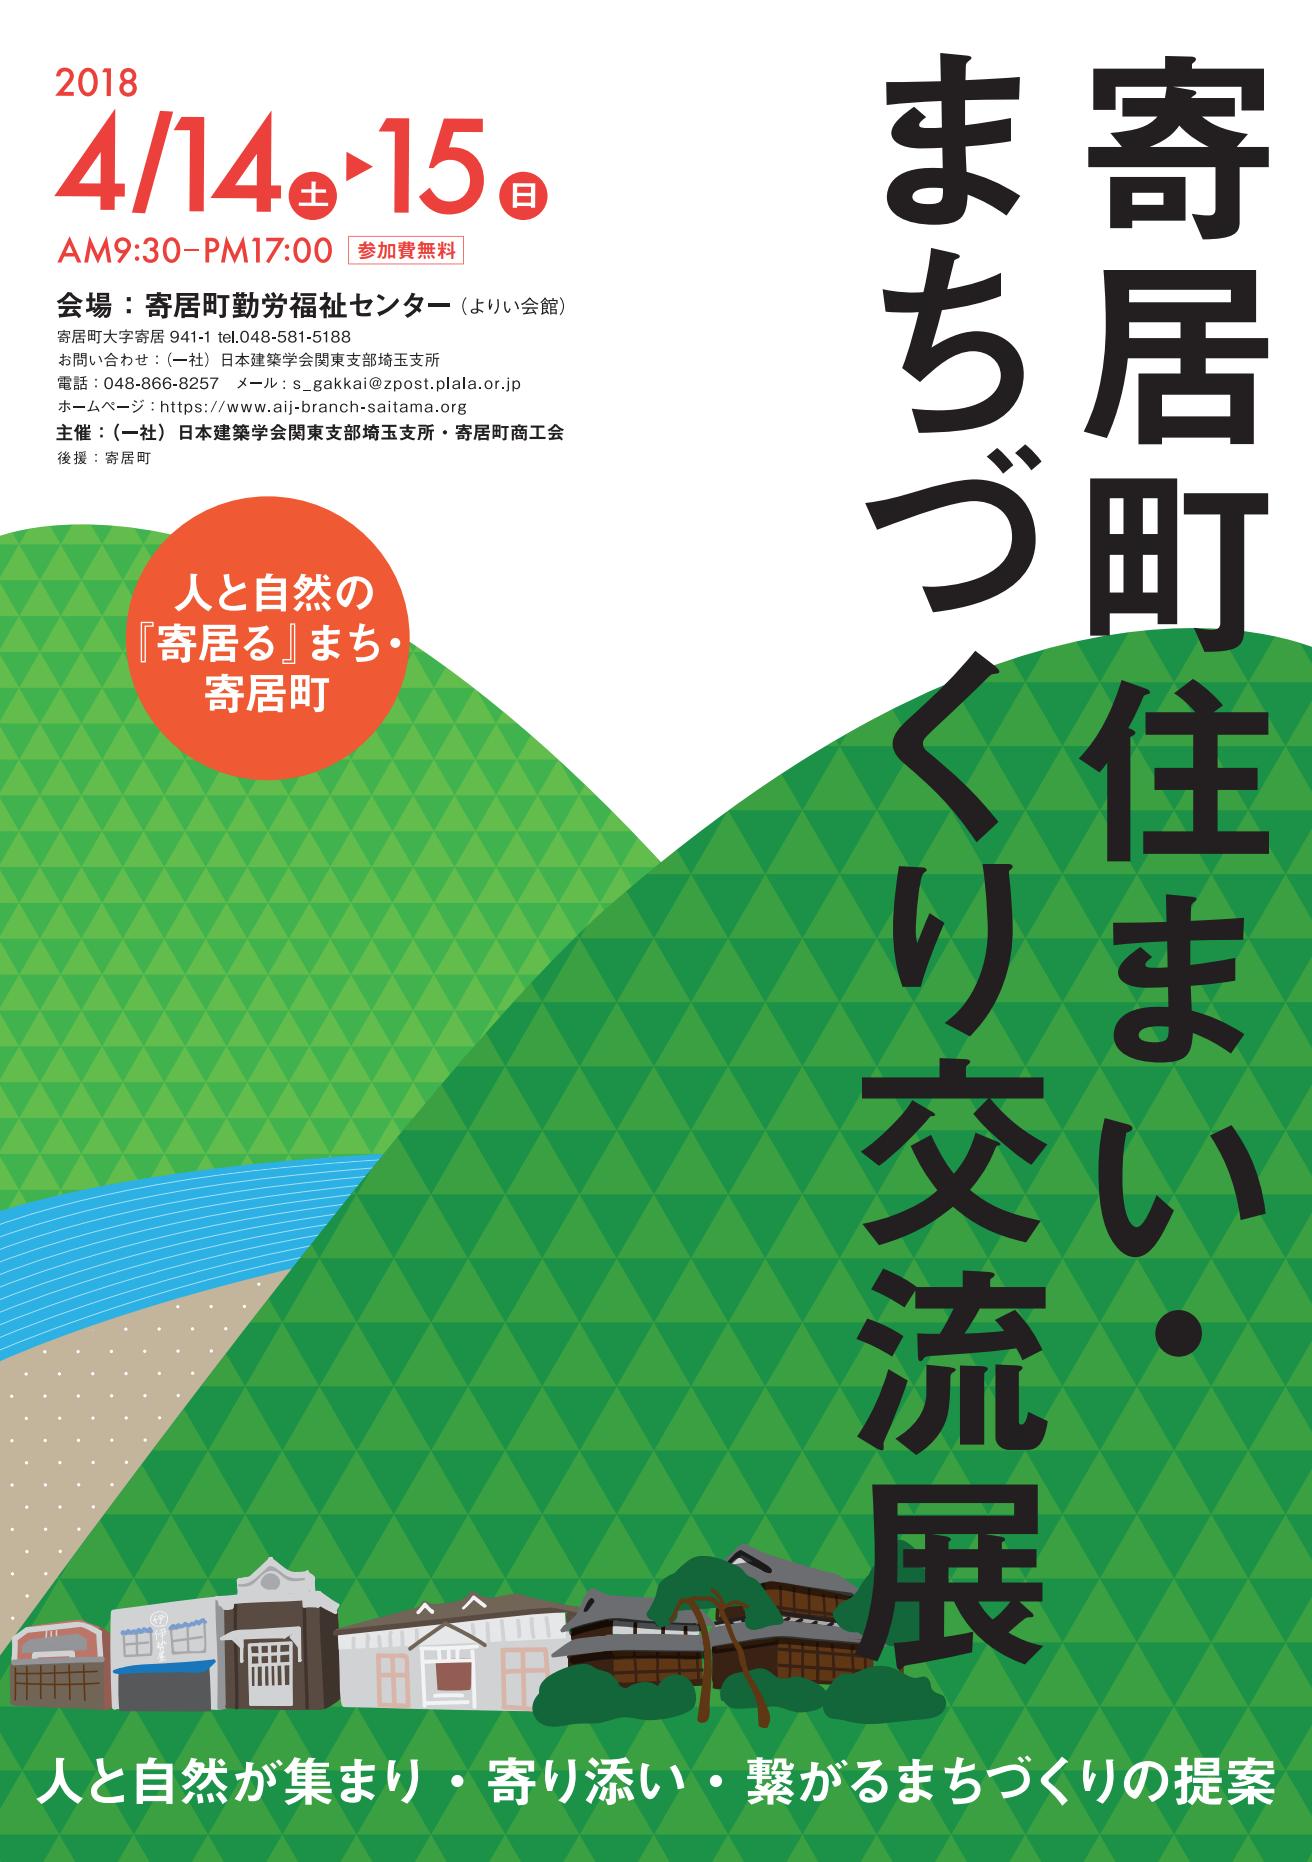 第18回 日本建築学会埼玉支所 「寄居町住まい・まちづくり交流展」の開催